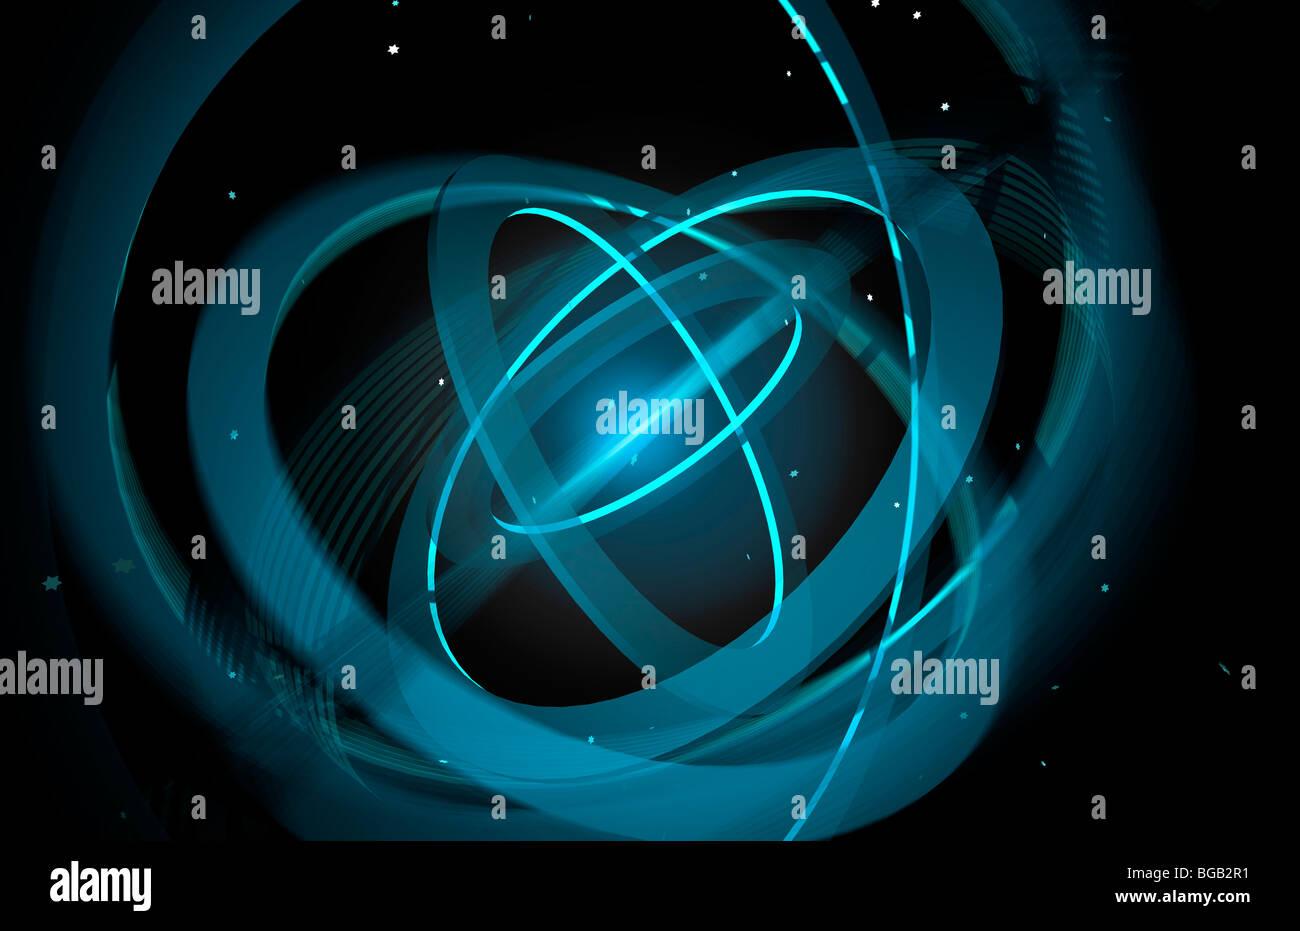 Gyroscope; Computer Generated Gyroscope - Stock Image